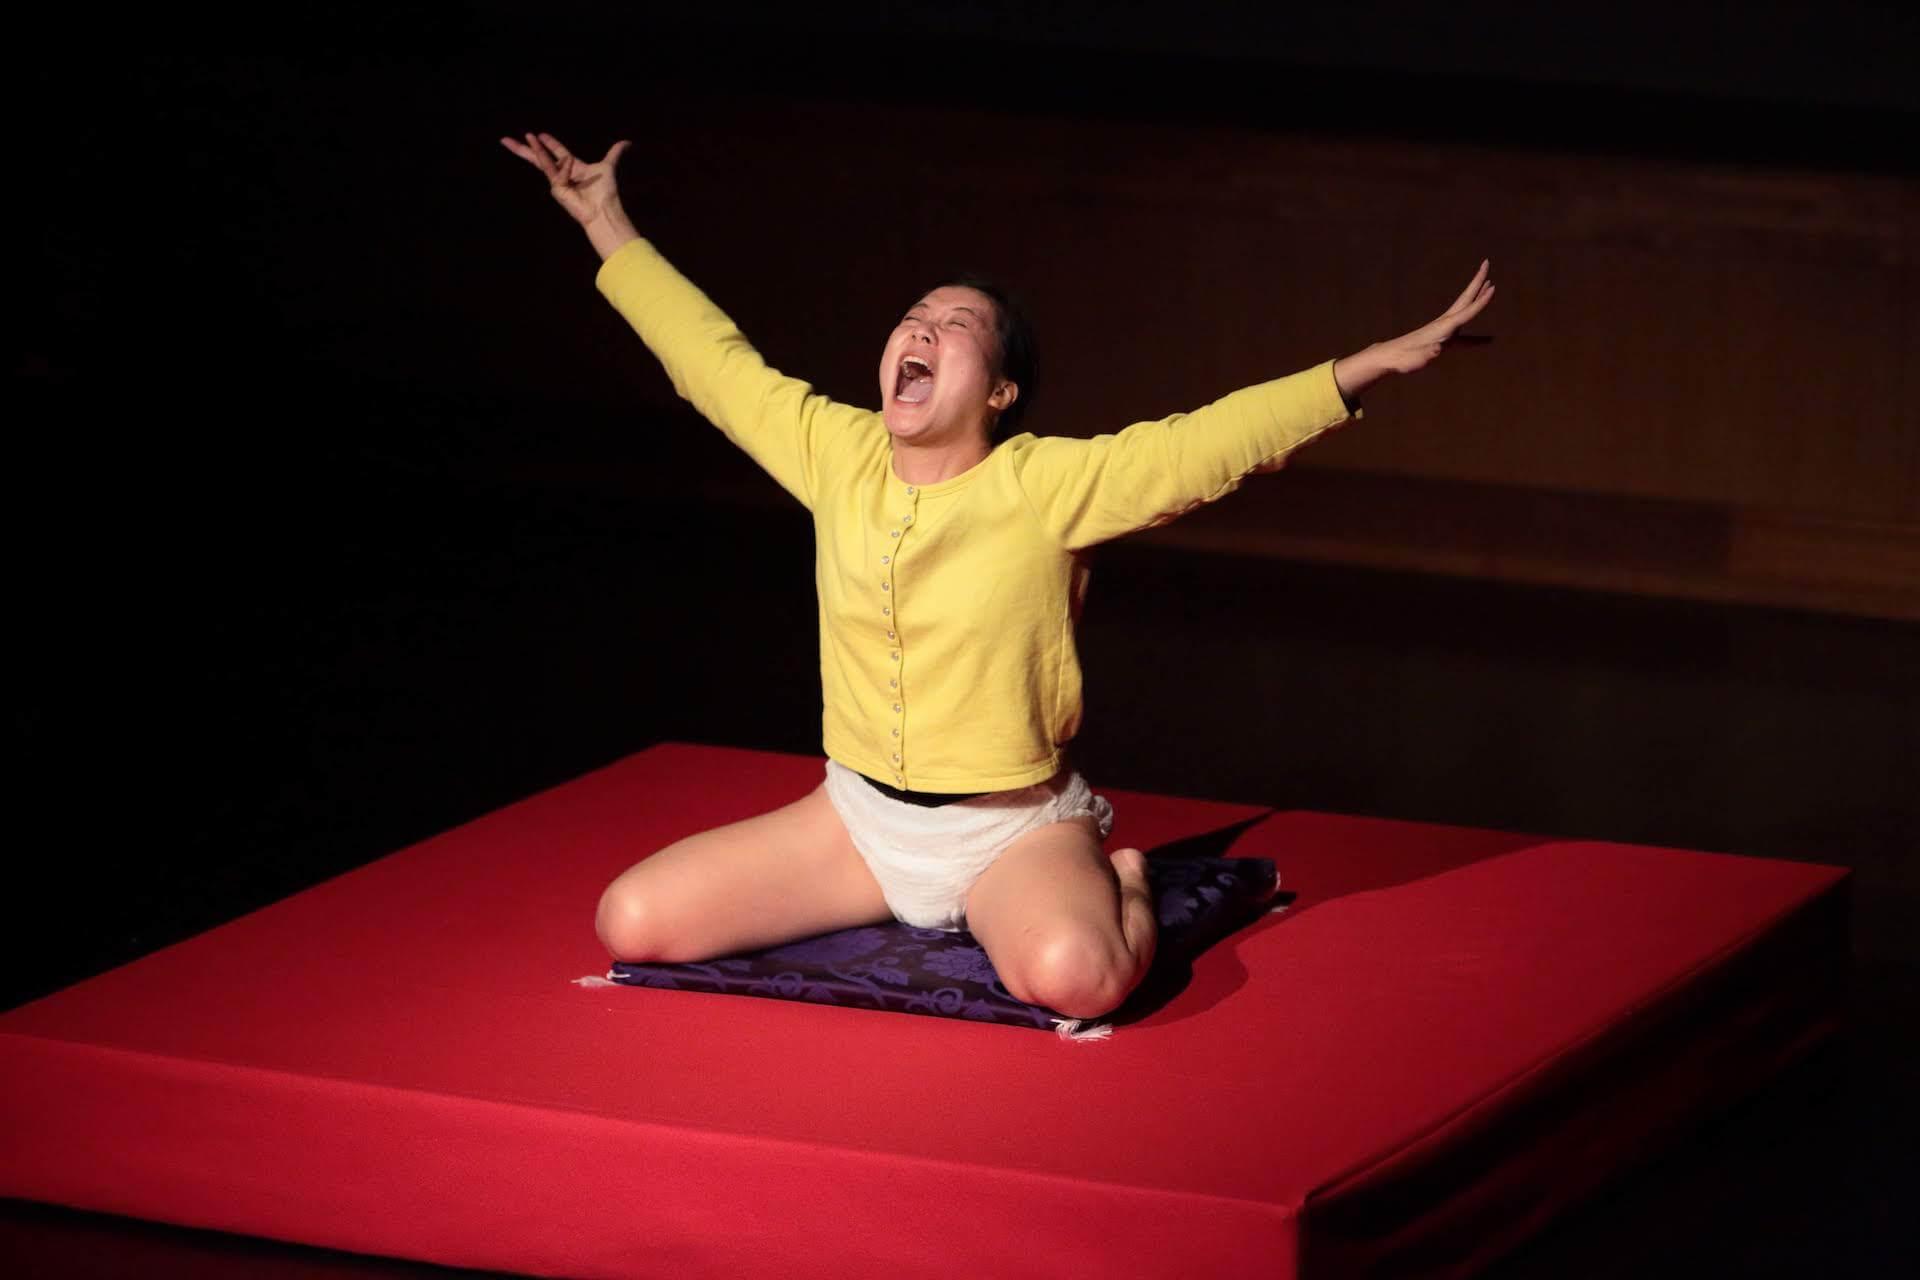 演劇『妖精の問題』が中国とインドネシアの2ヶ国にてオンライン上映決定!劇作家・市原佐都子率いる「Q」による初のオンライン海外ツアー art210512_yousei-no-mondai-210512_2